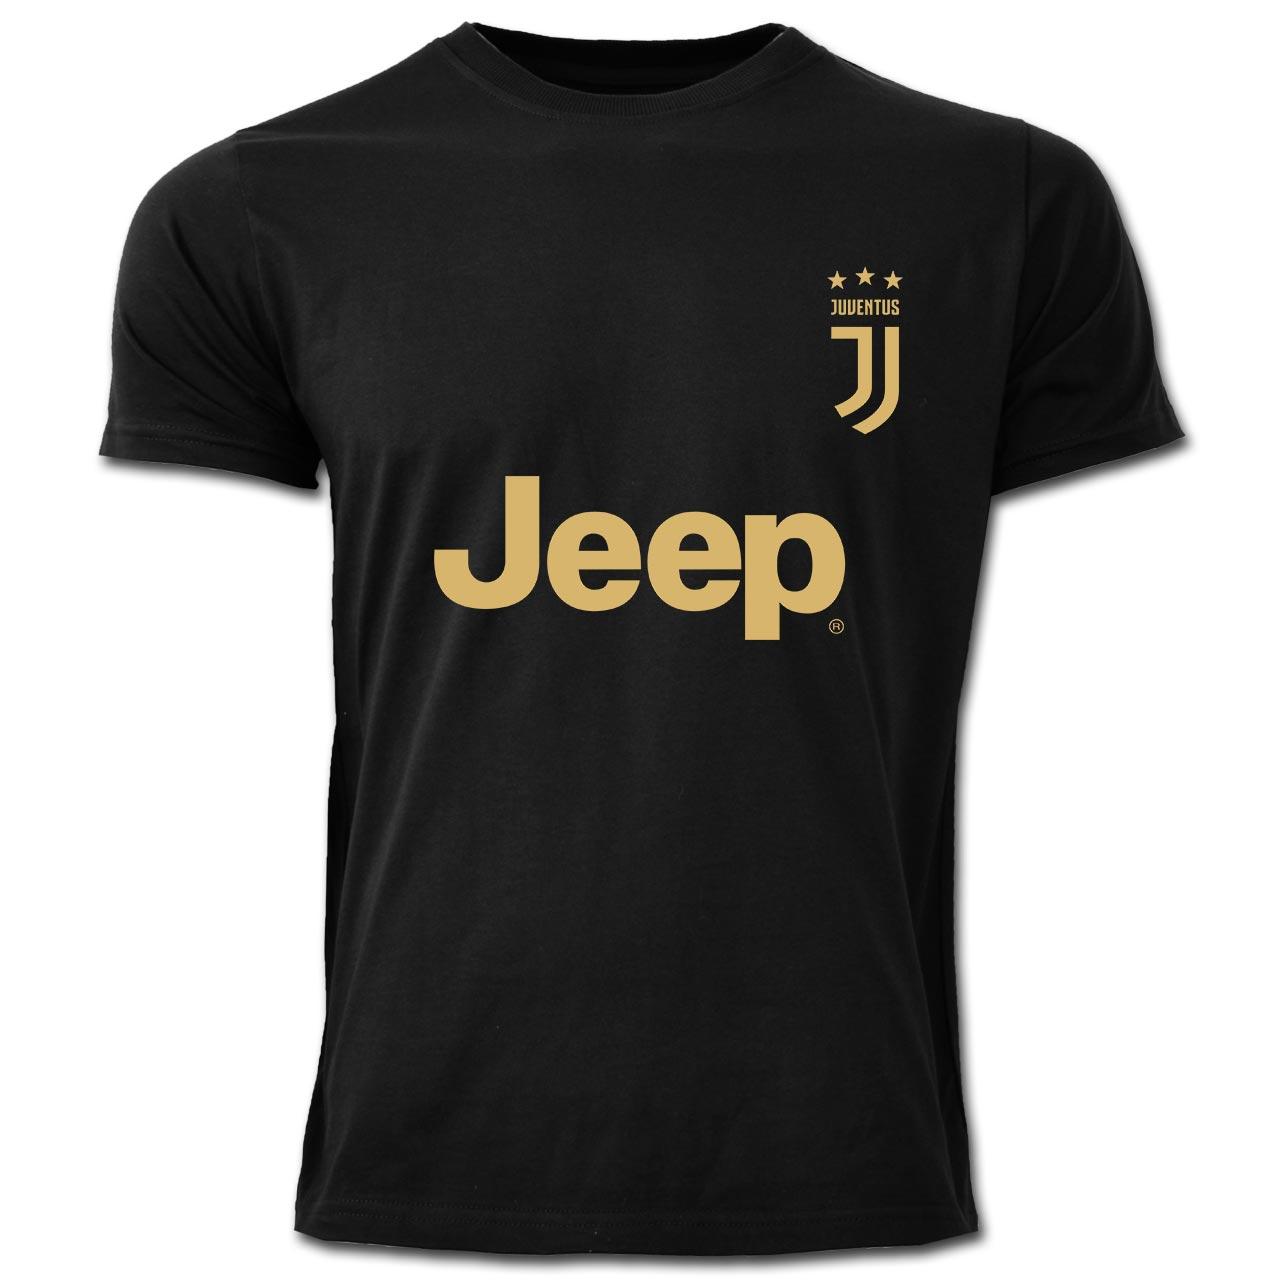 عکس تی شرت مردانه طرح یوونتوس کد 09A1